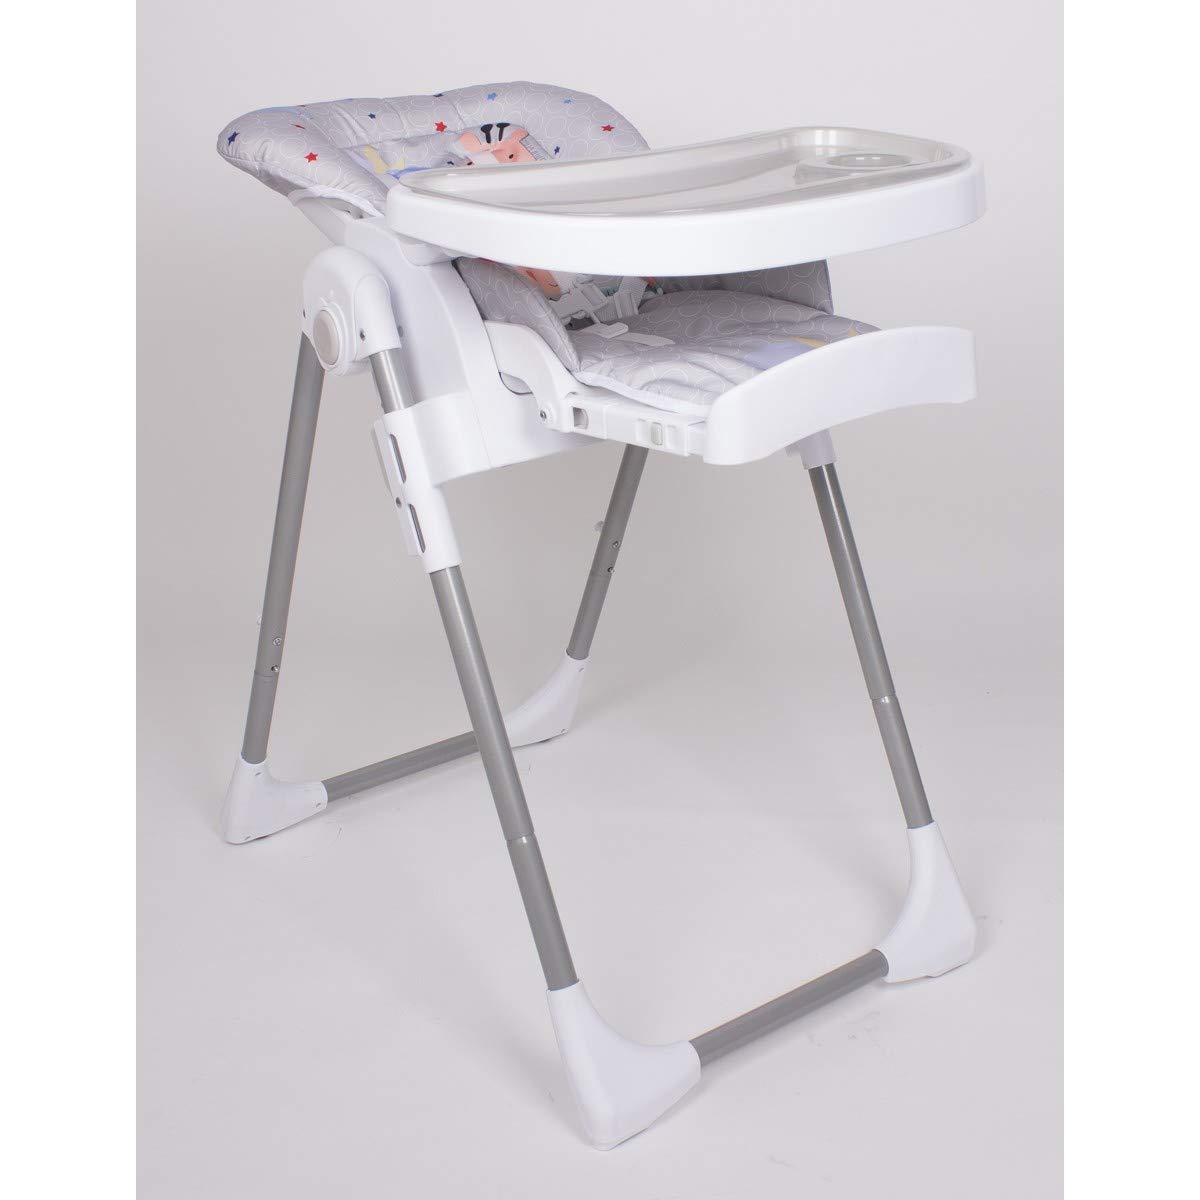 Regulable en 6 alturas Ultraligera Trona Jirafa Plegable para beb/és de 6 a 36 meses